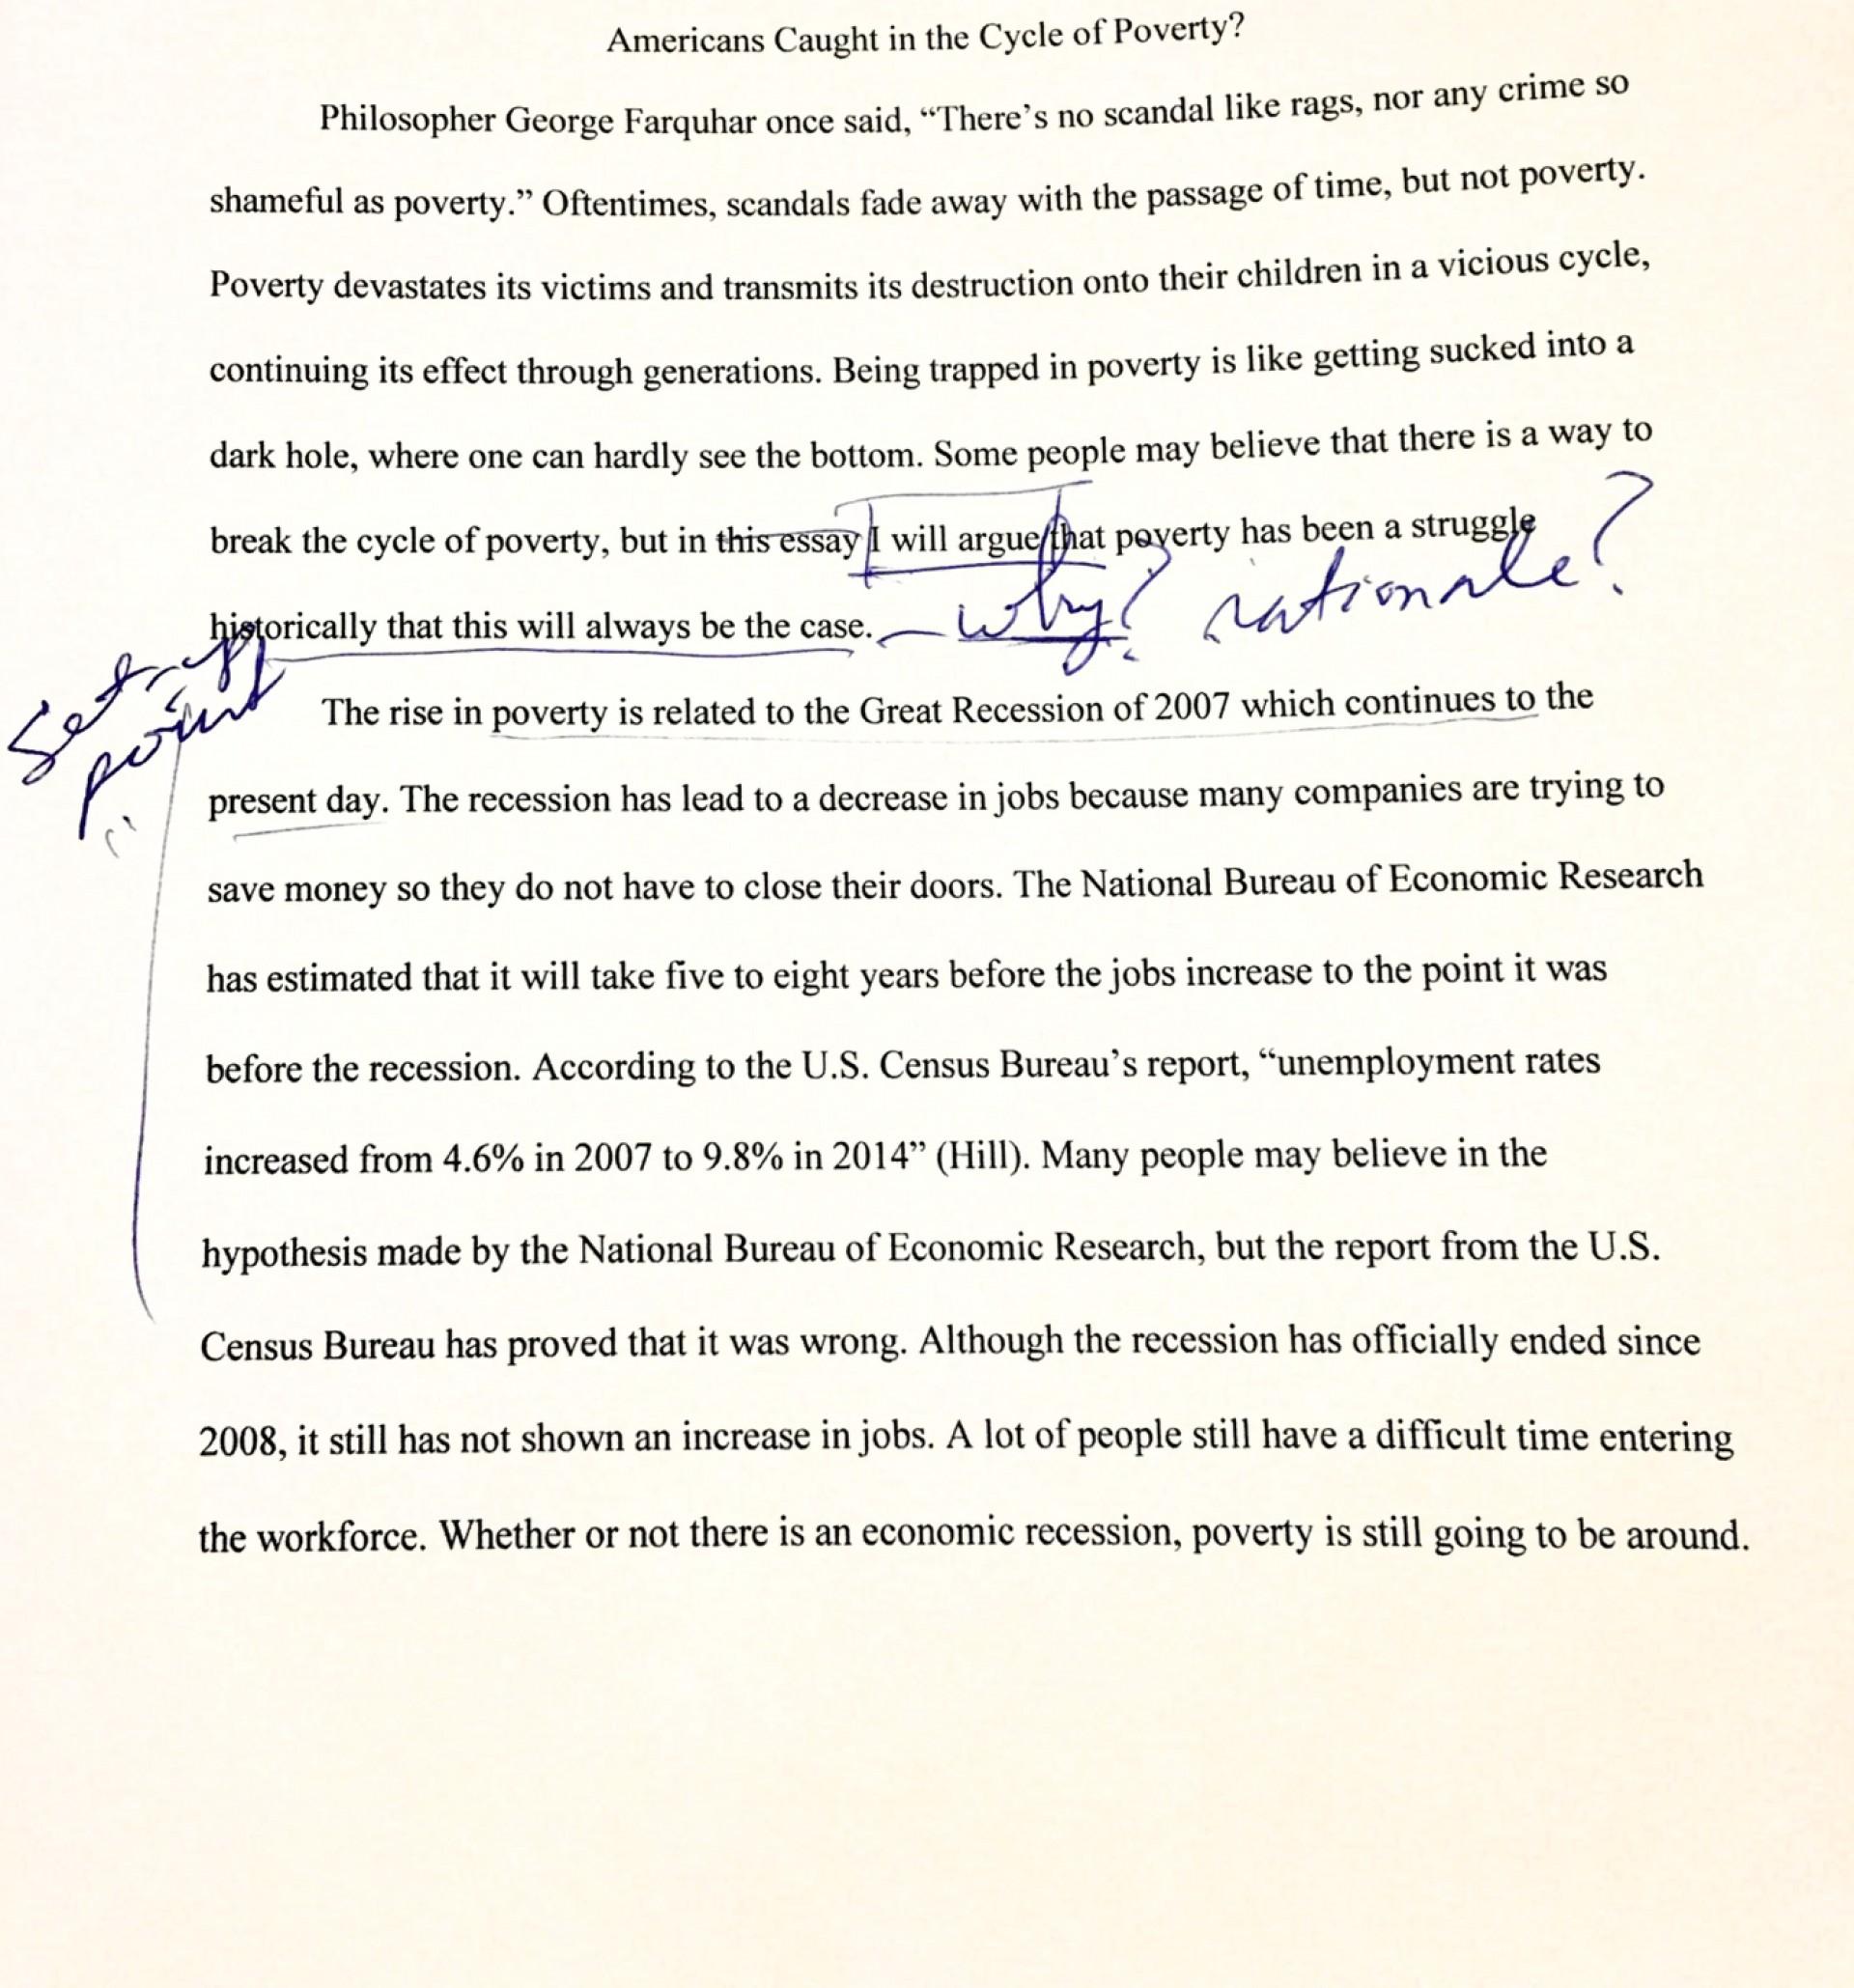 001 Rewrite Essay Best Software Article Freelance 1920